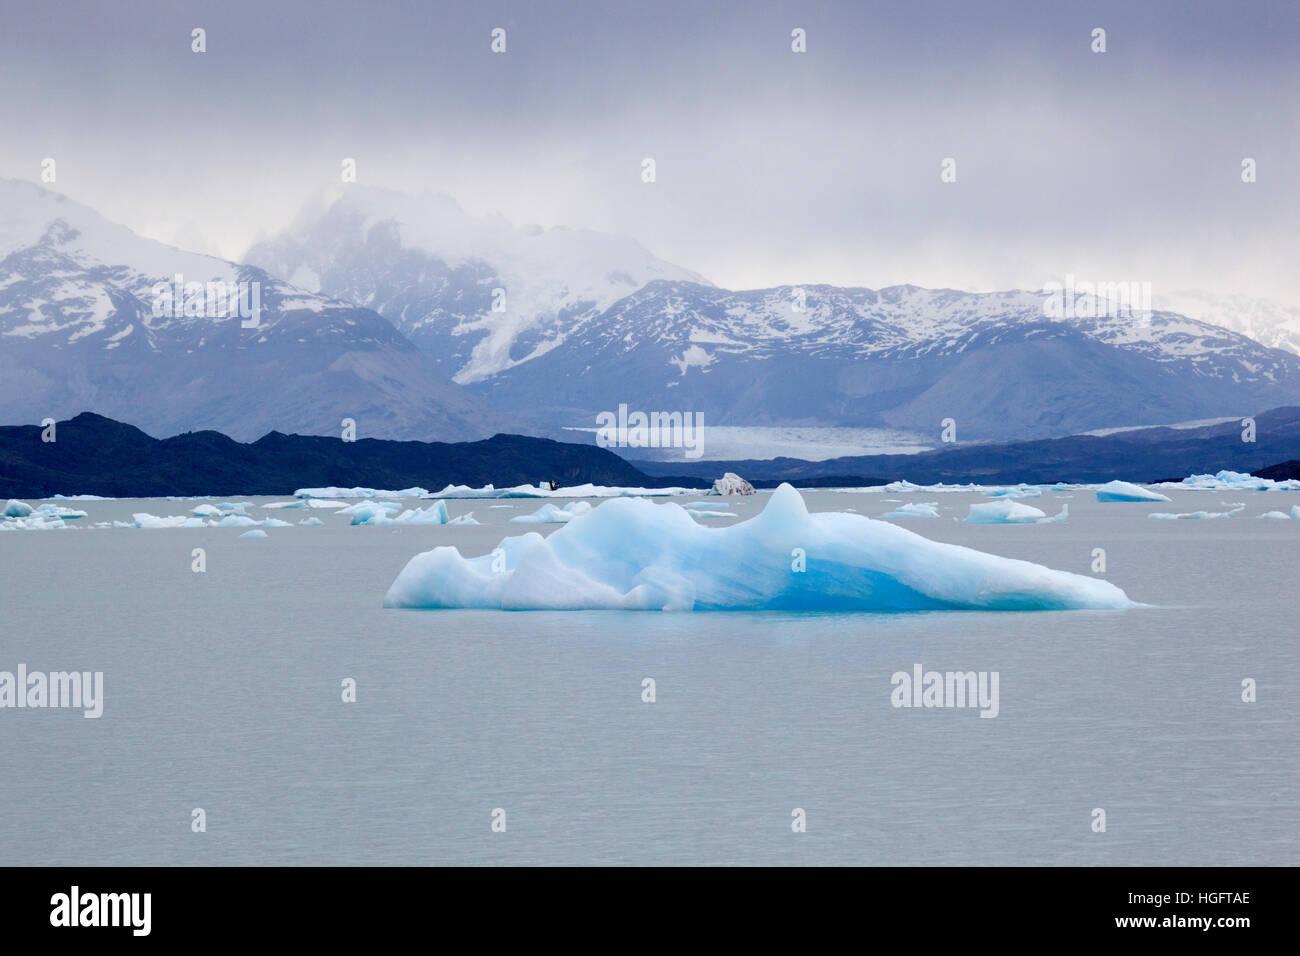 Eisberge auf dem Lago Argentino, El Calafate, Parque Nacional Los Glaciares, Patagonien, Argentinien, Südamerika Stockbild